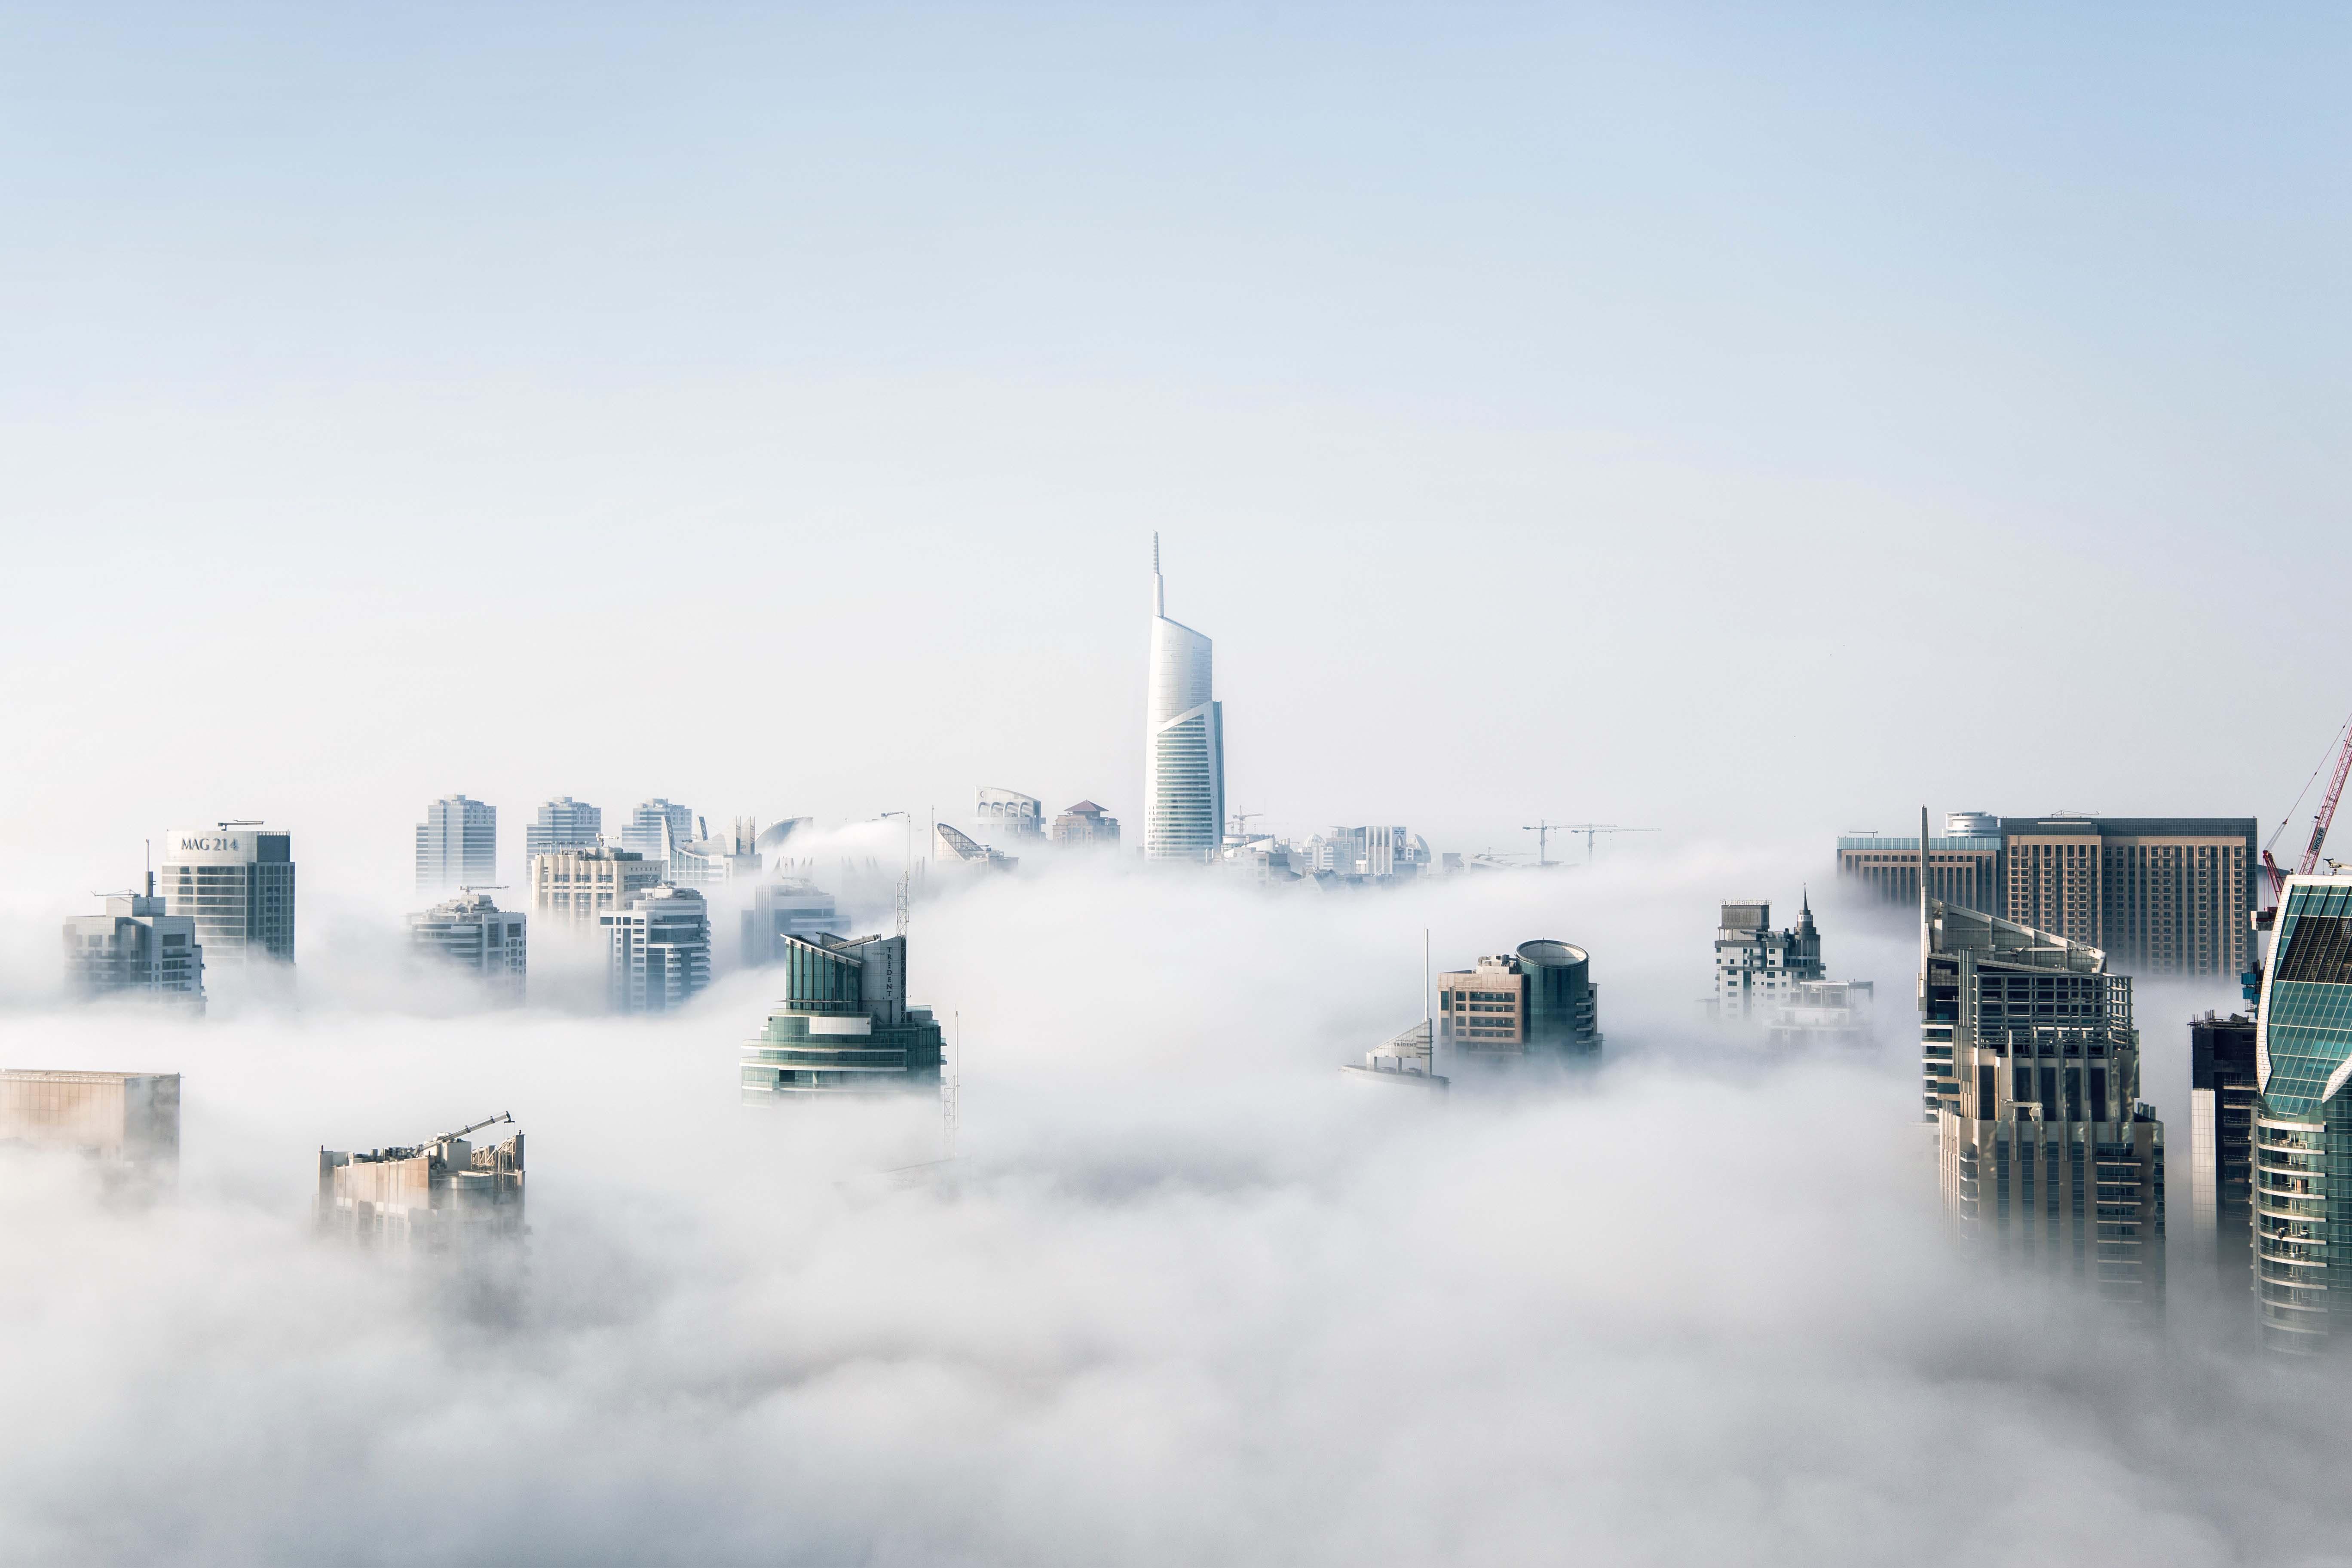 Transformación: Reinventando la organización del futuro